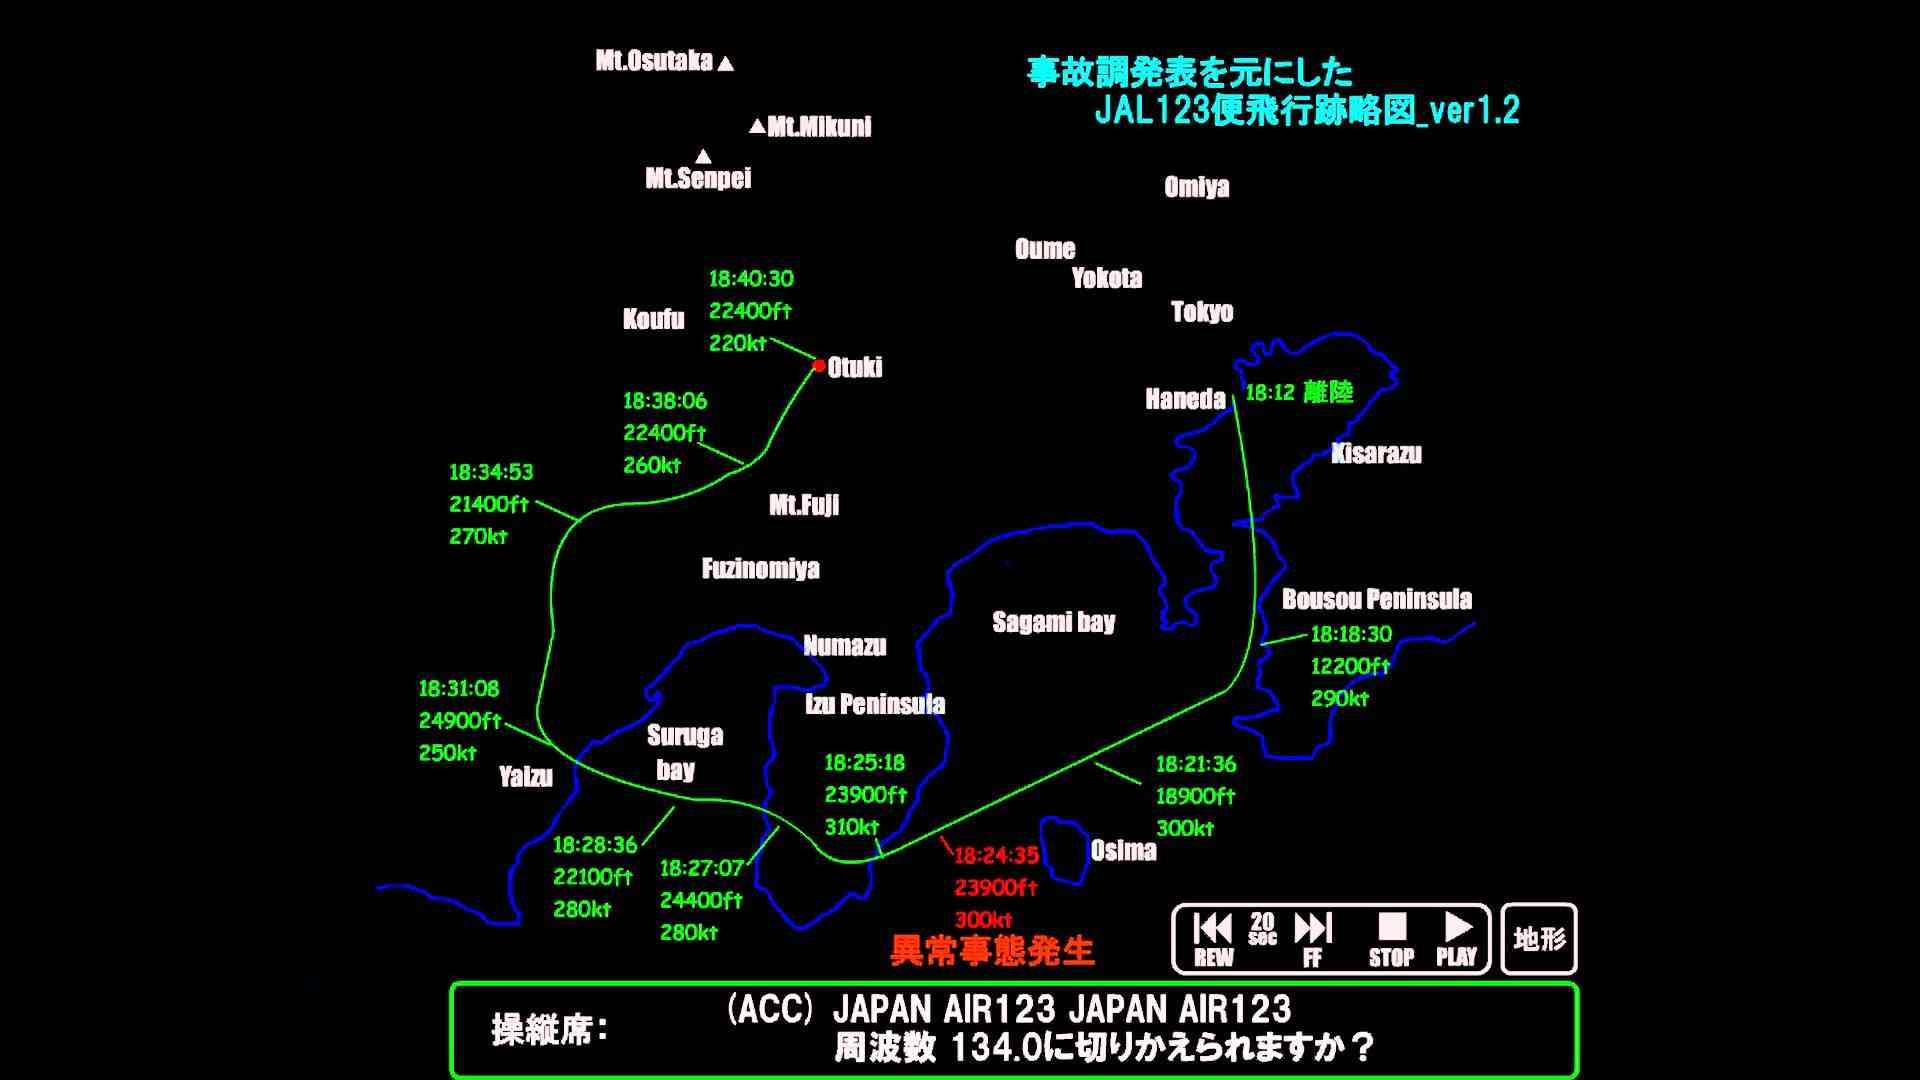 日航ジャンボ機 - JAL123便 墜落事故 (飛行跡略図 Ver1.2 & ボイスレコーダー) - YouTube